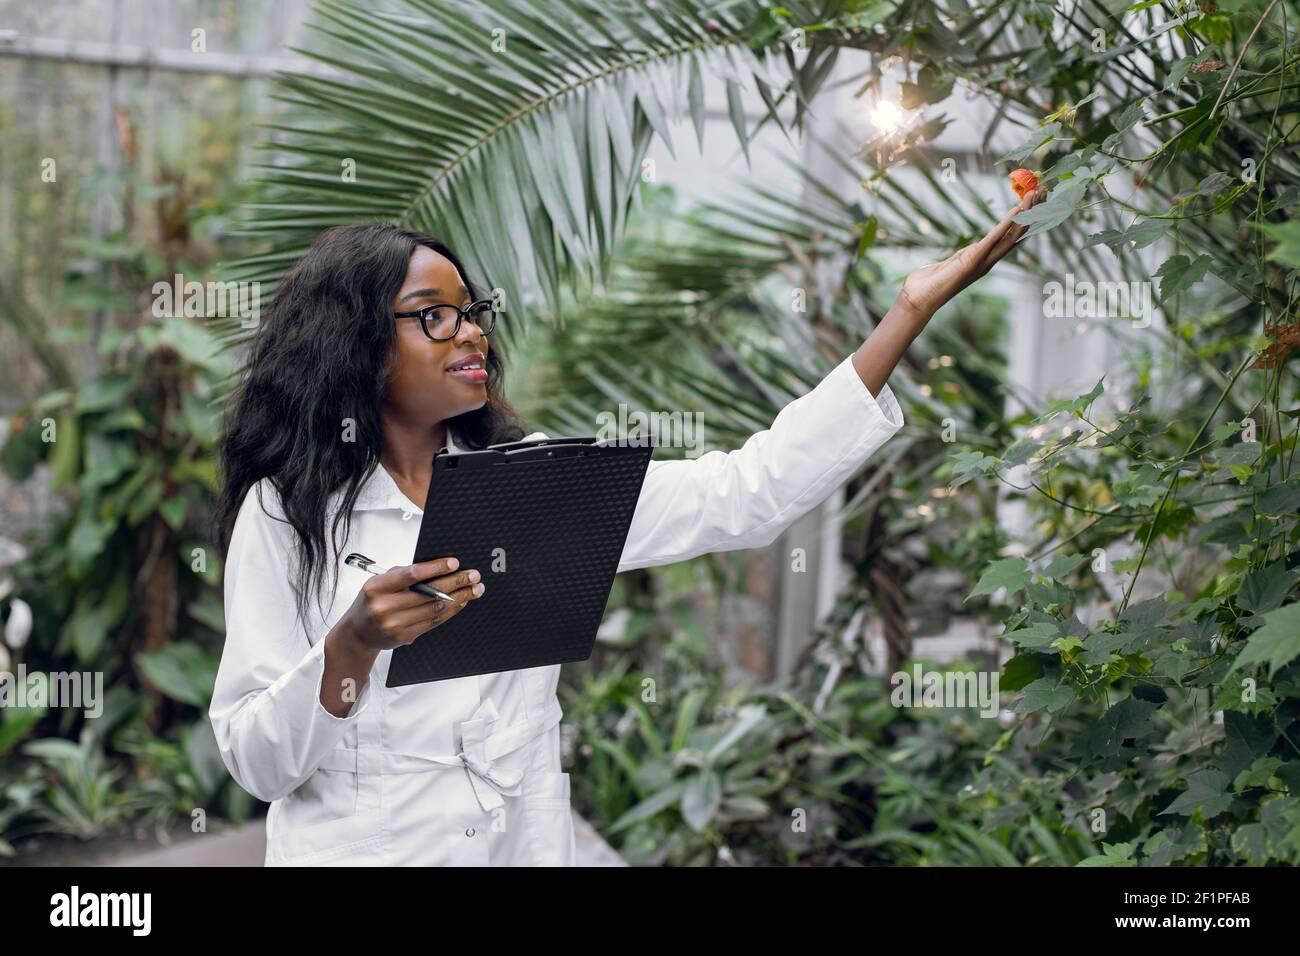 Une agronome africaine professionnelle effectue l'inspection des plantes, travaille en serre et prend des notes dans le presse-papiers. Banque D'Images